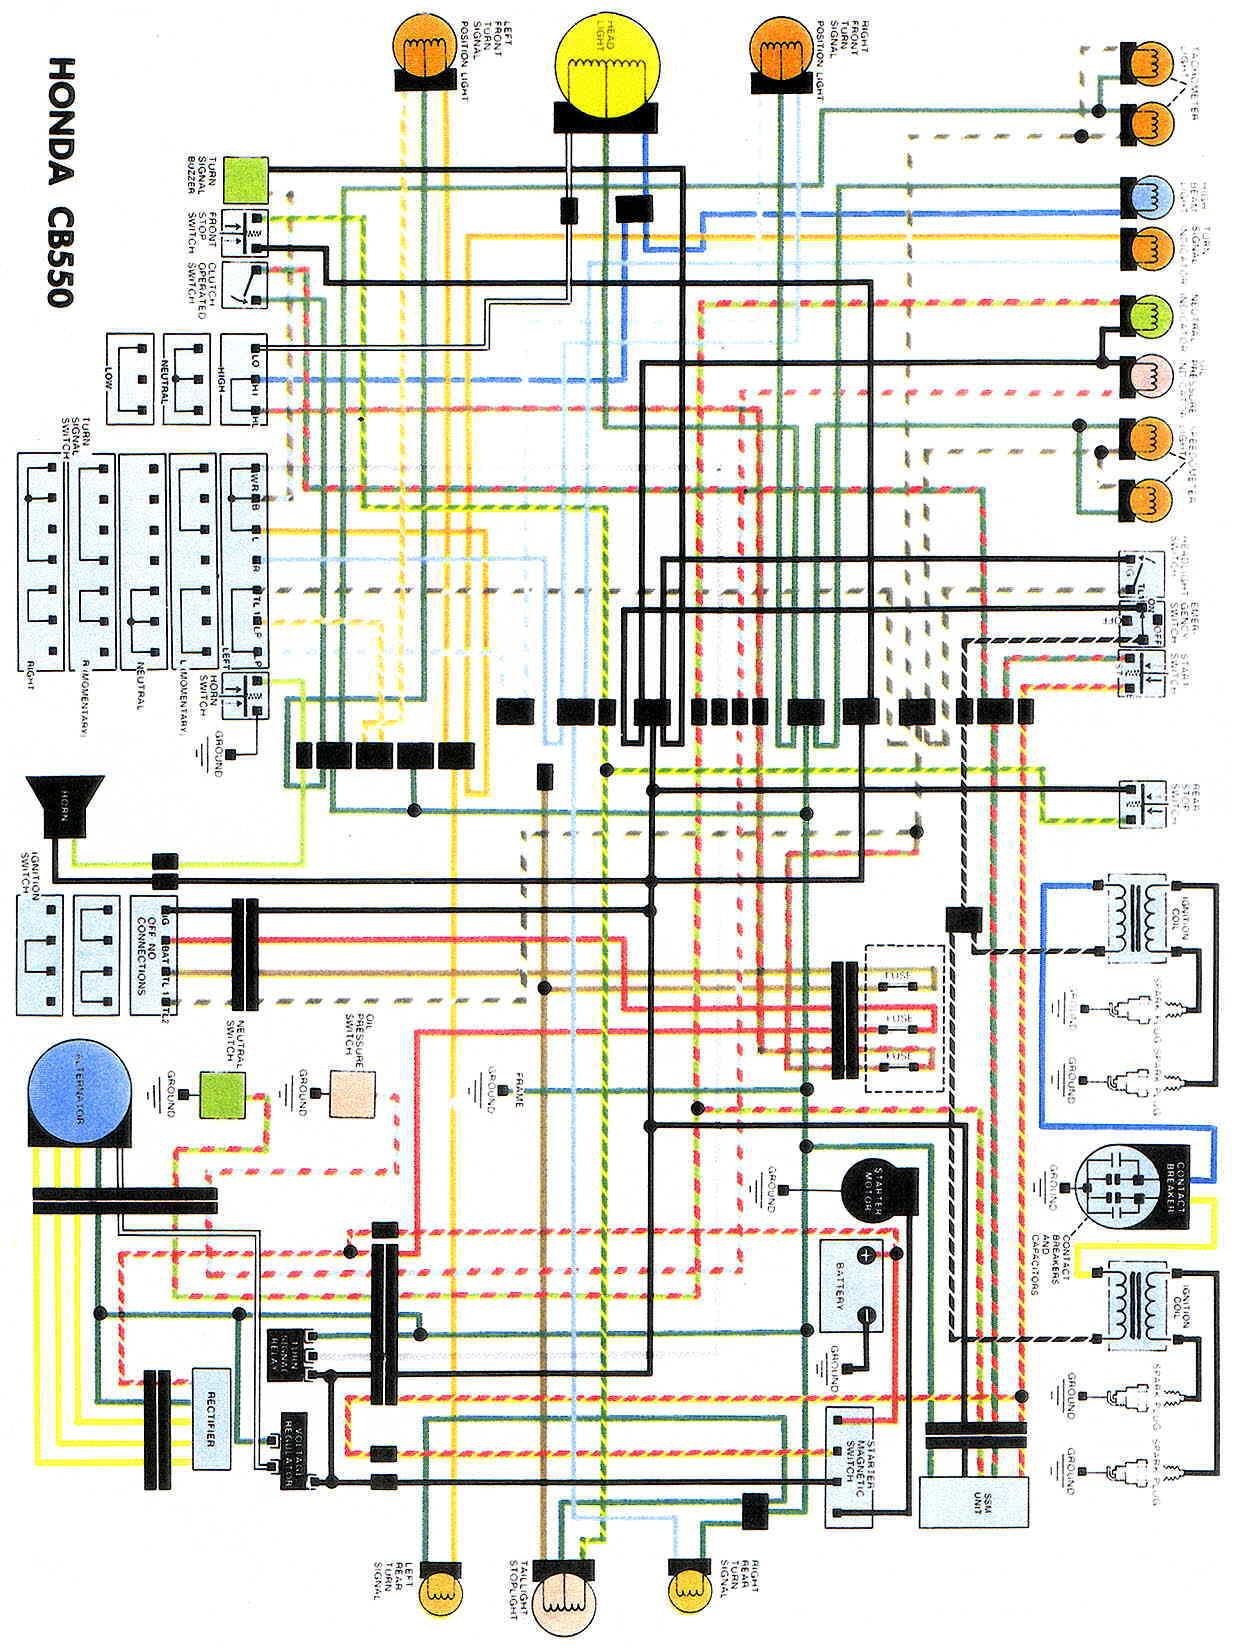 KN_2760] Honda Cb450 Wiring Diagram Download DiagramDylit Lexor Rect Mohammedshrine Librar Wiring 101